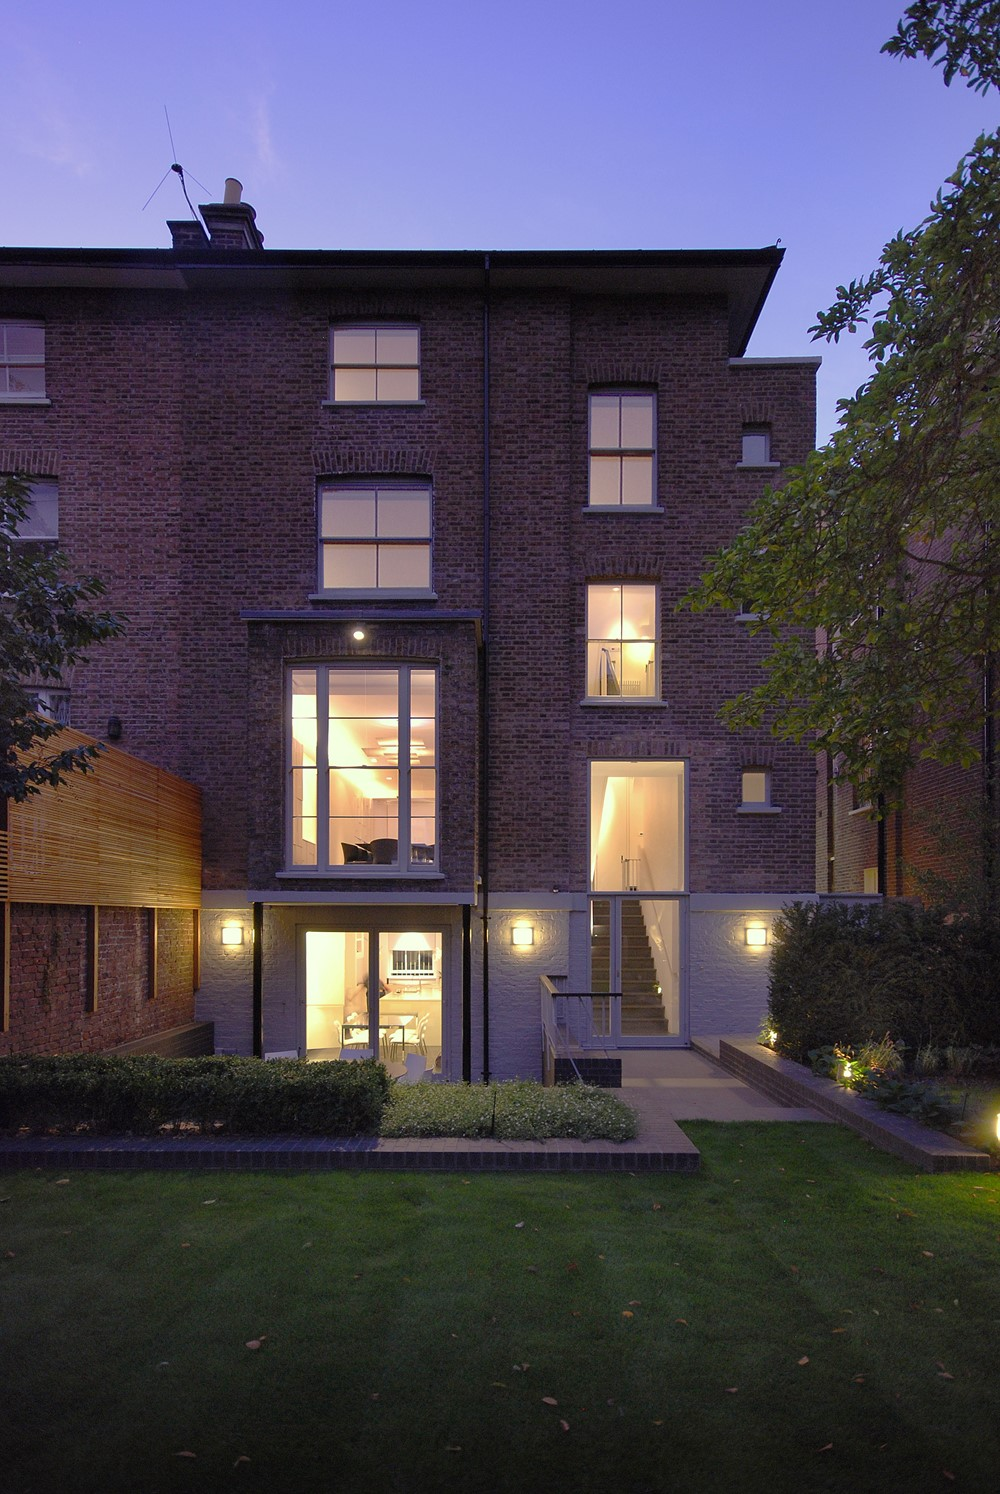 倫敦維多利亞式別墅翻新設計的相關圖片